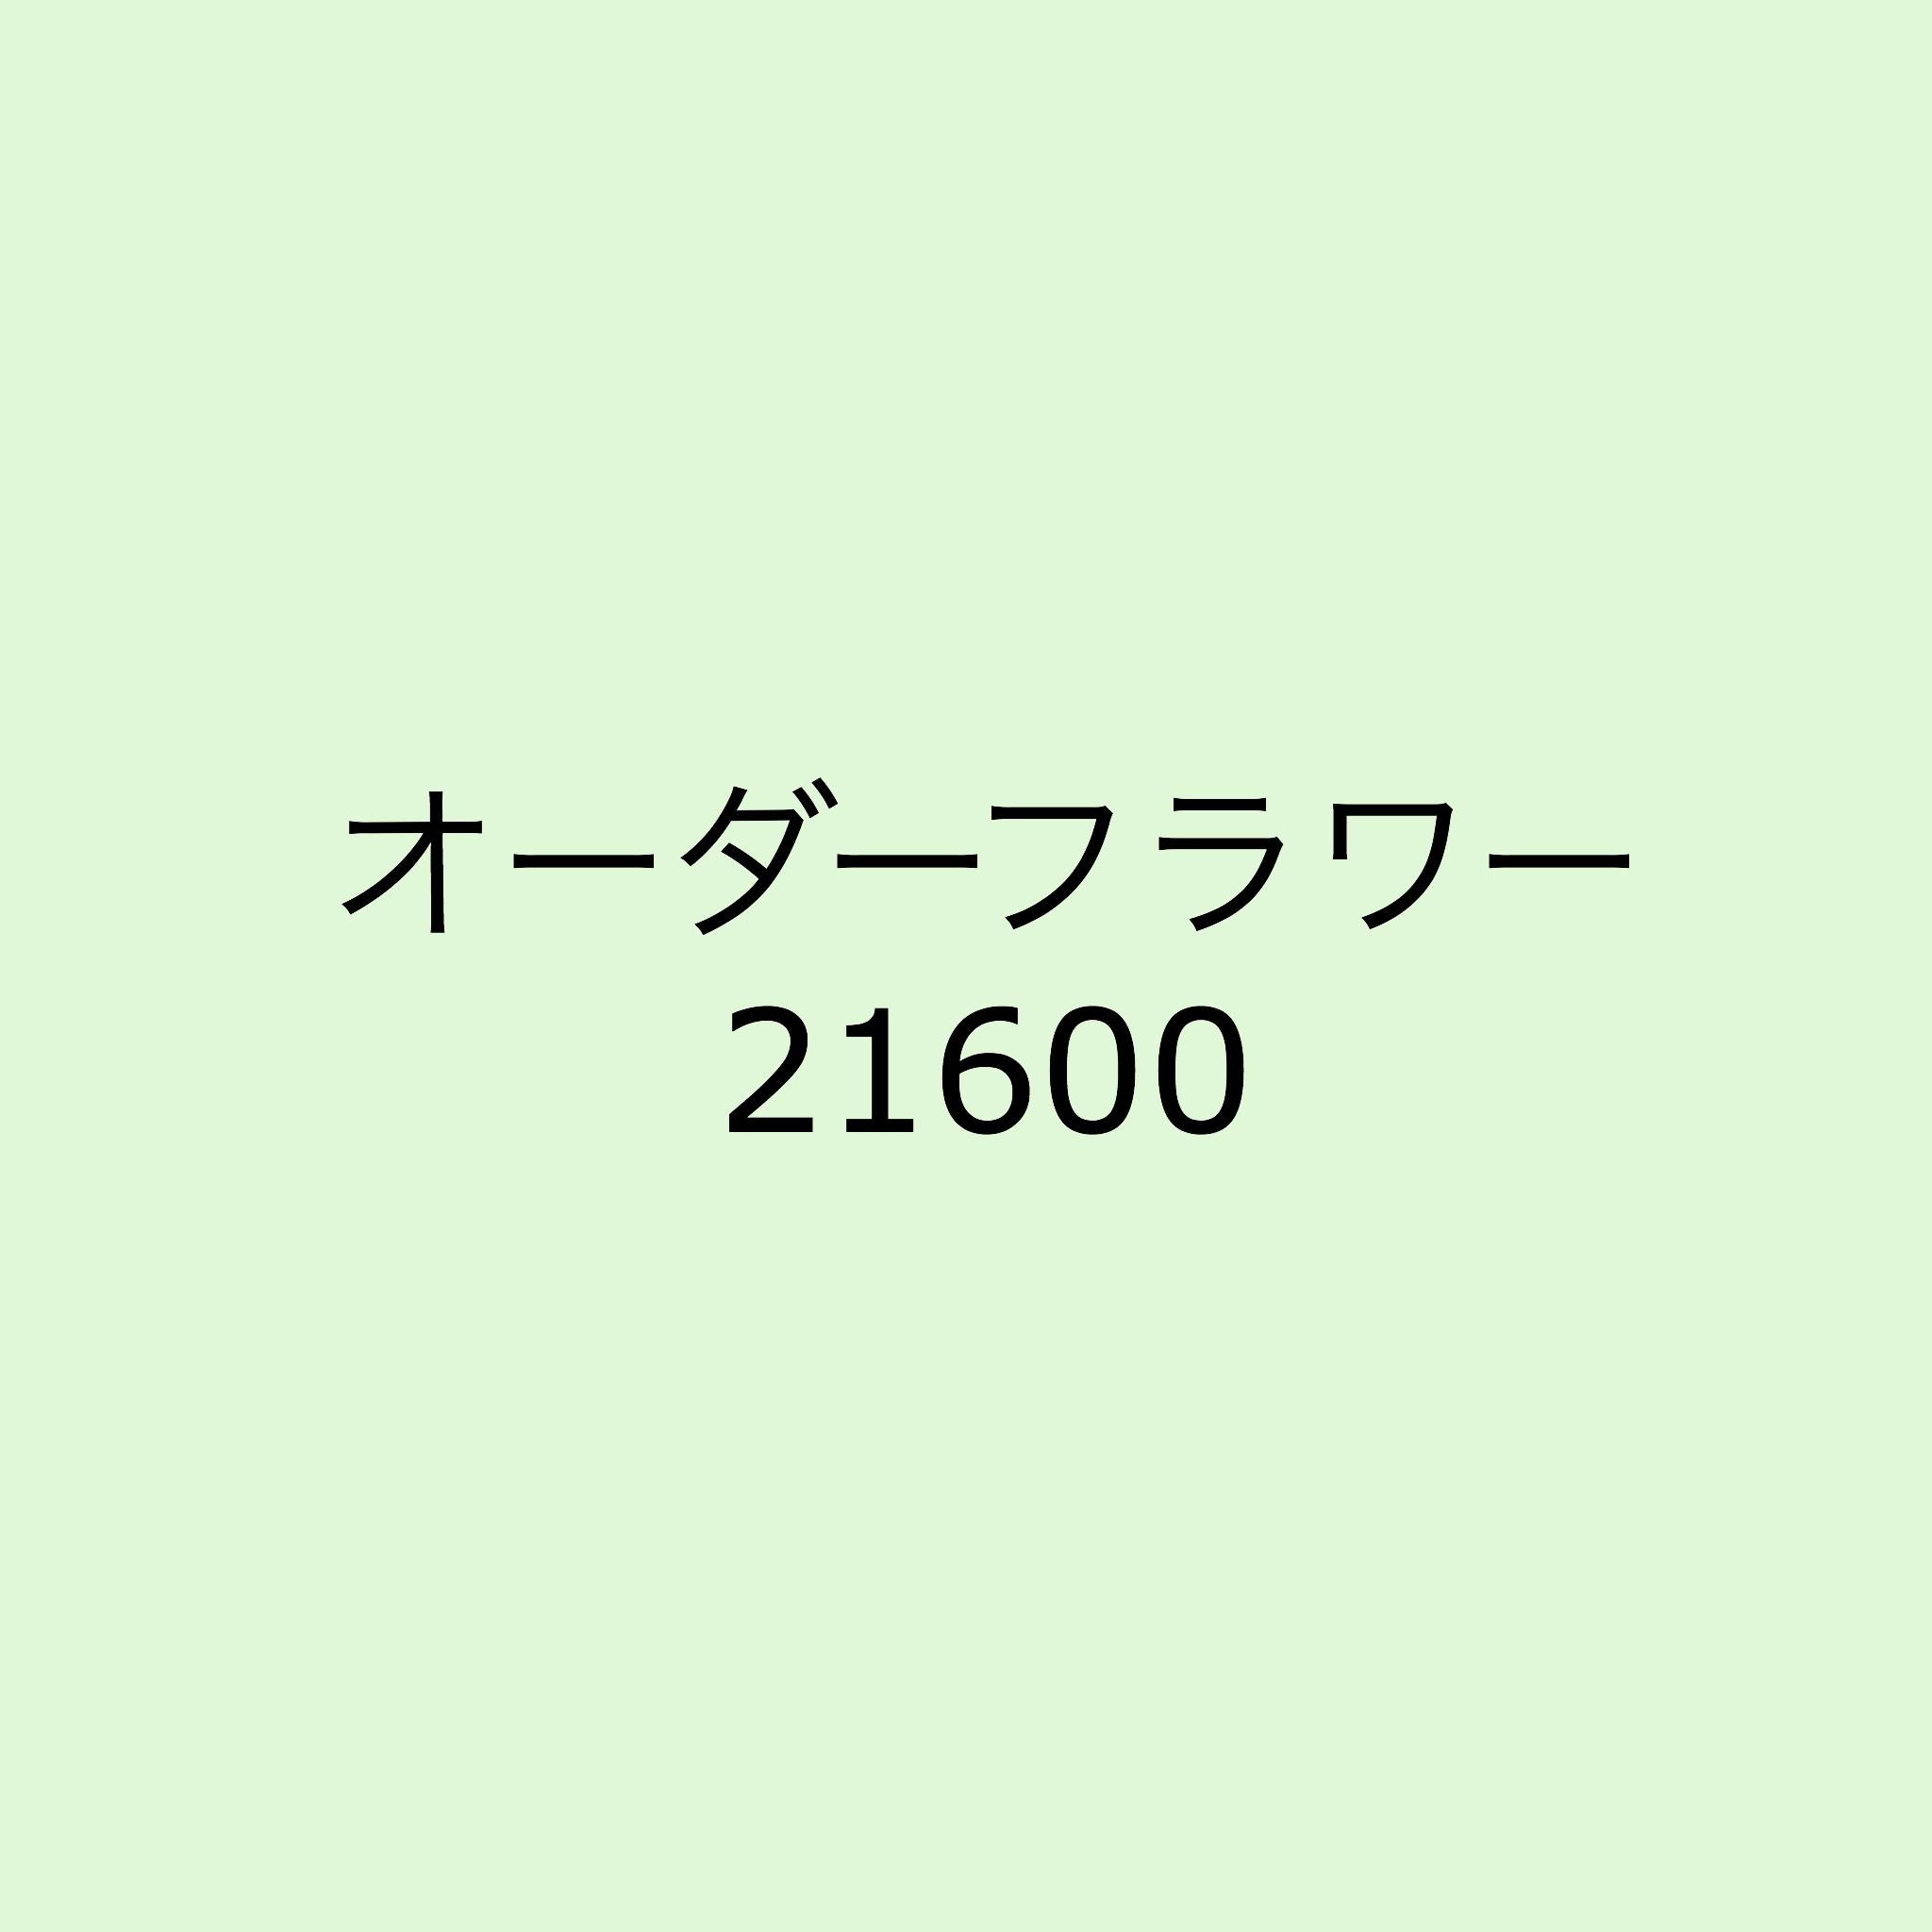 オーダーフラワー21600